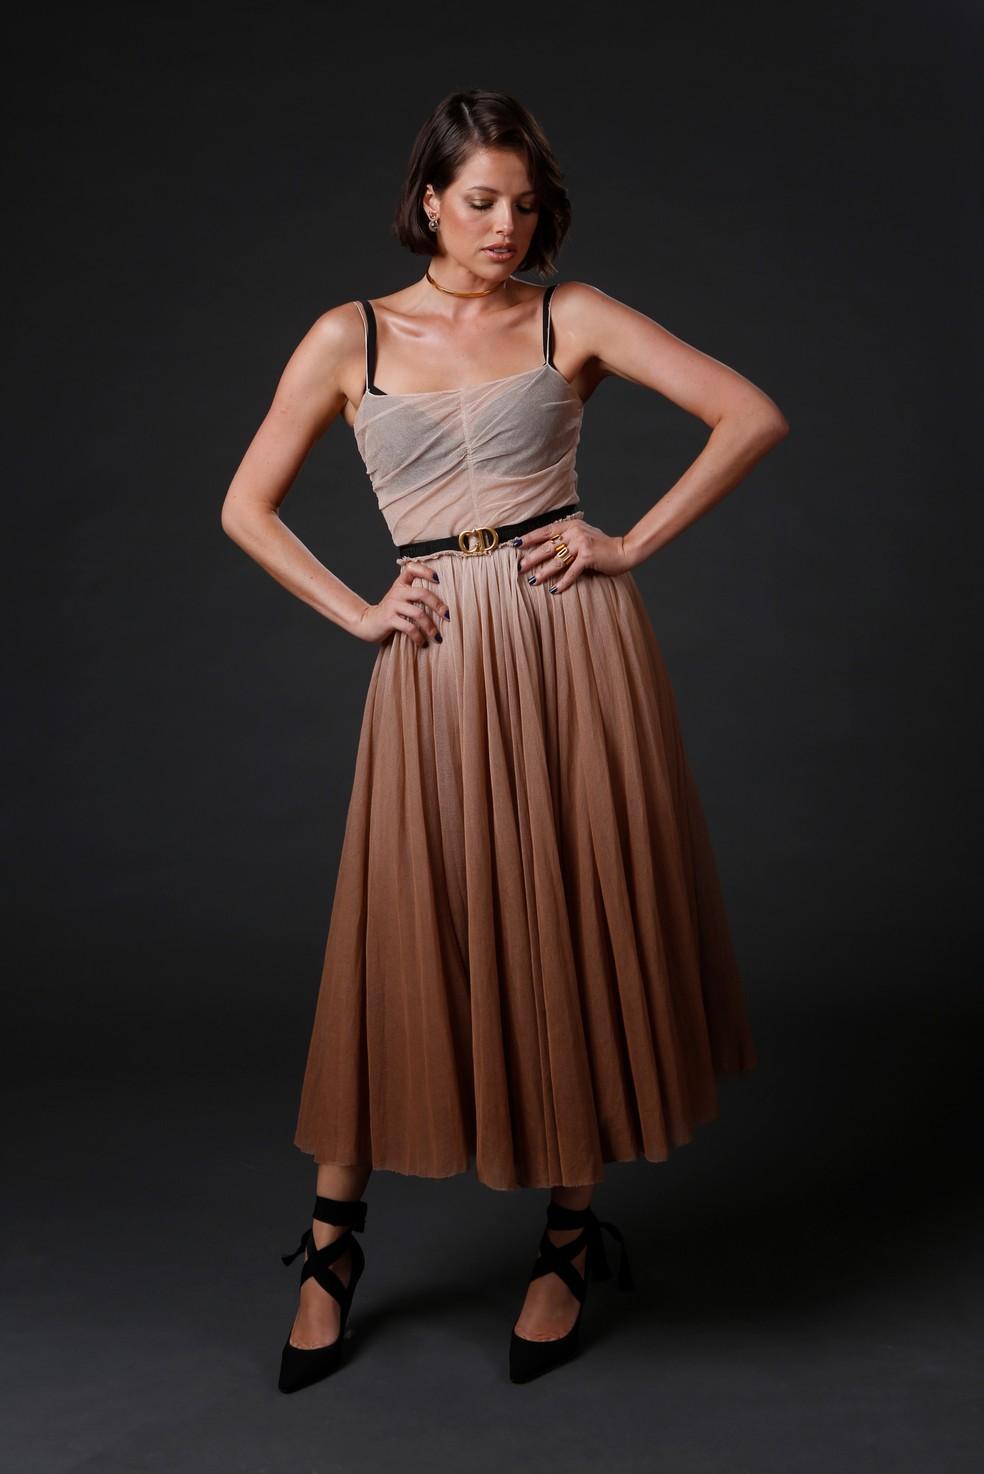 Agatha Moreira escolheu um vestido longo com transparência — Foto: Fabiano Battaglin/Gshow